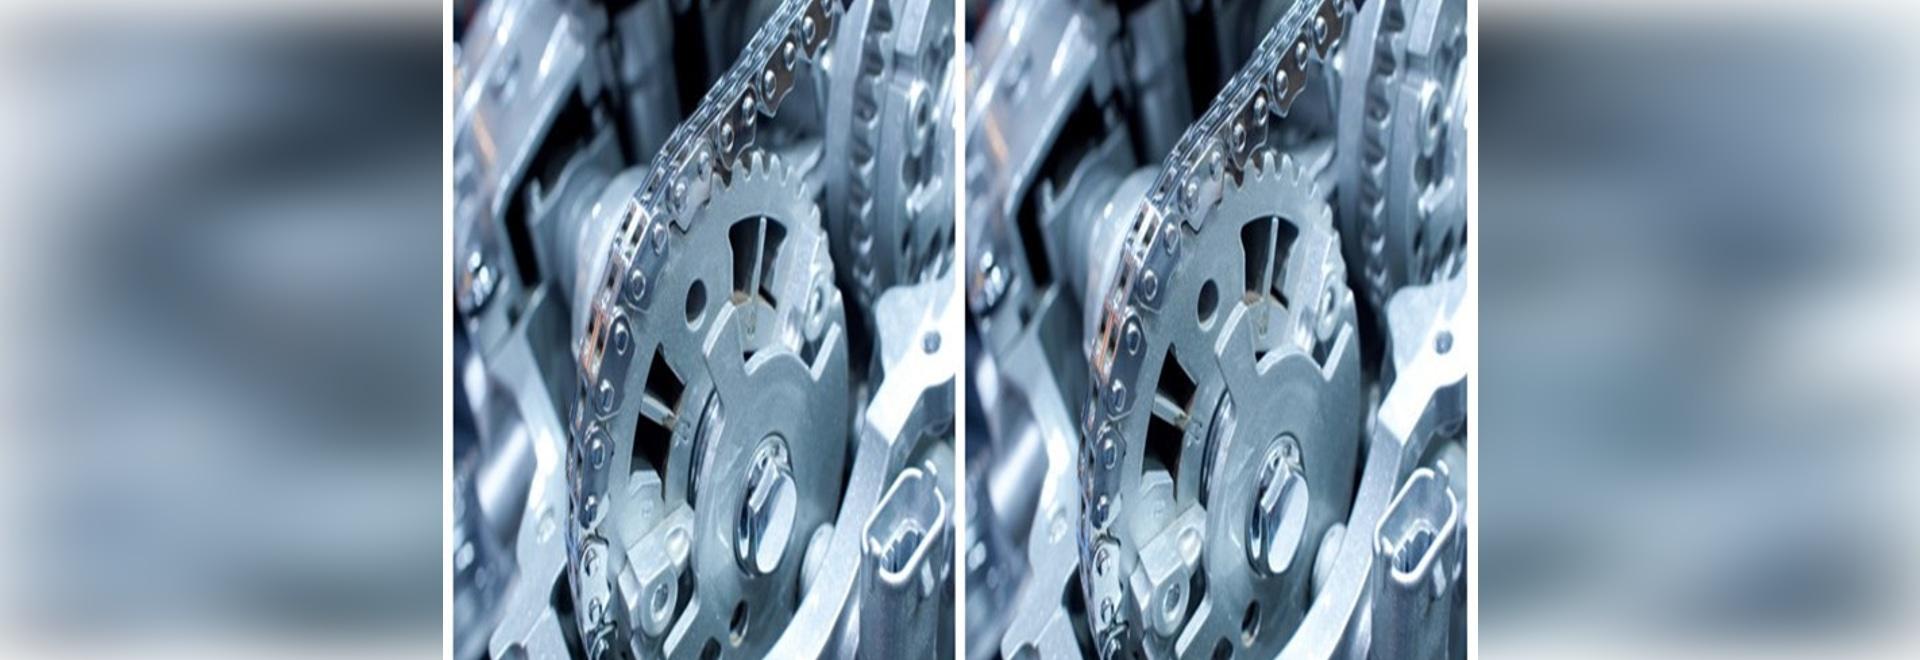 Machine de mesure visuelle pour l'industrie automobile